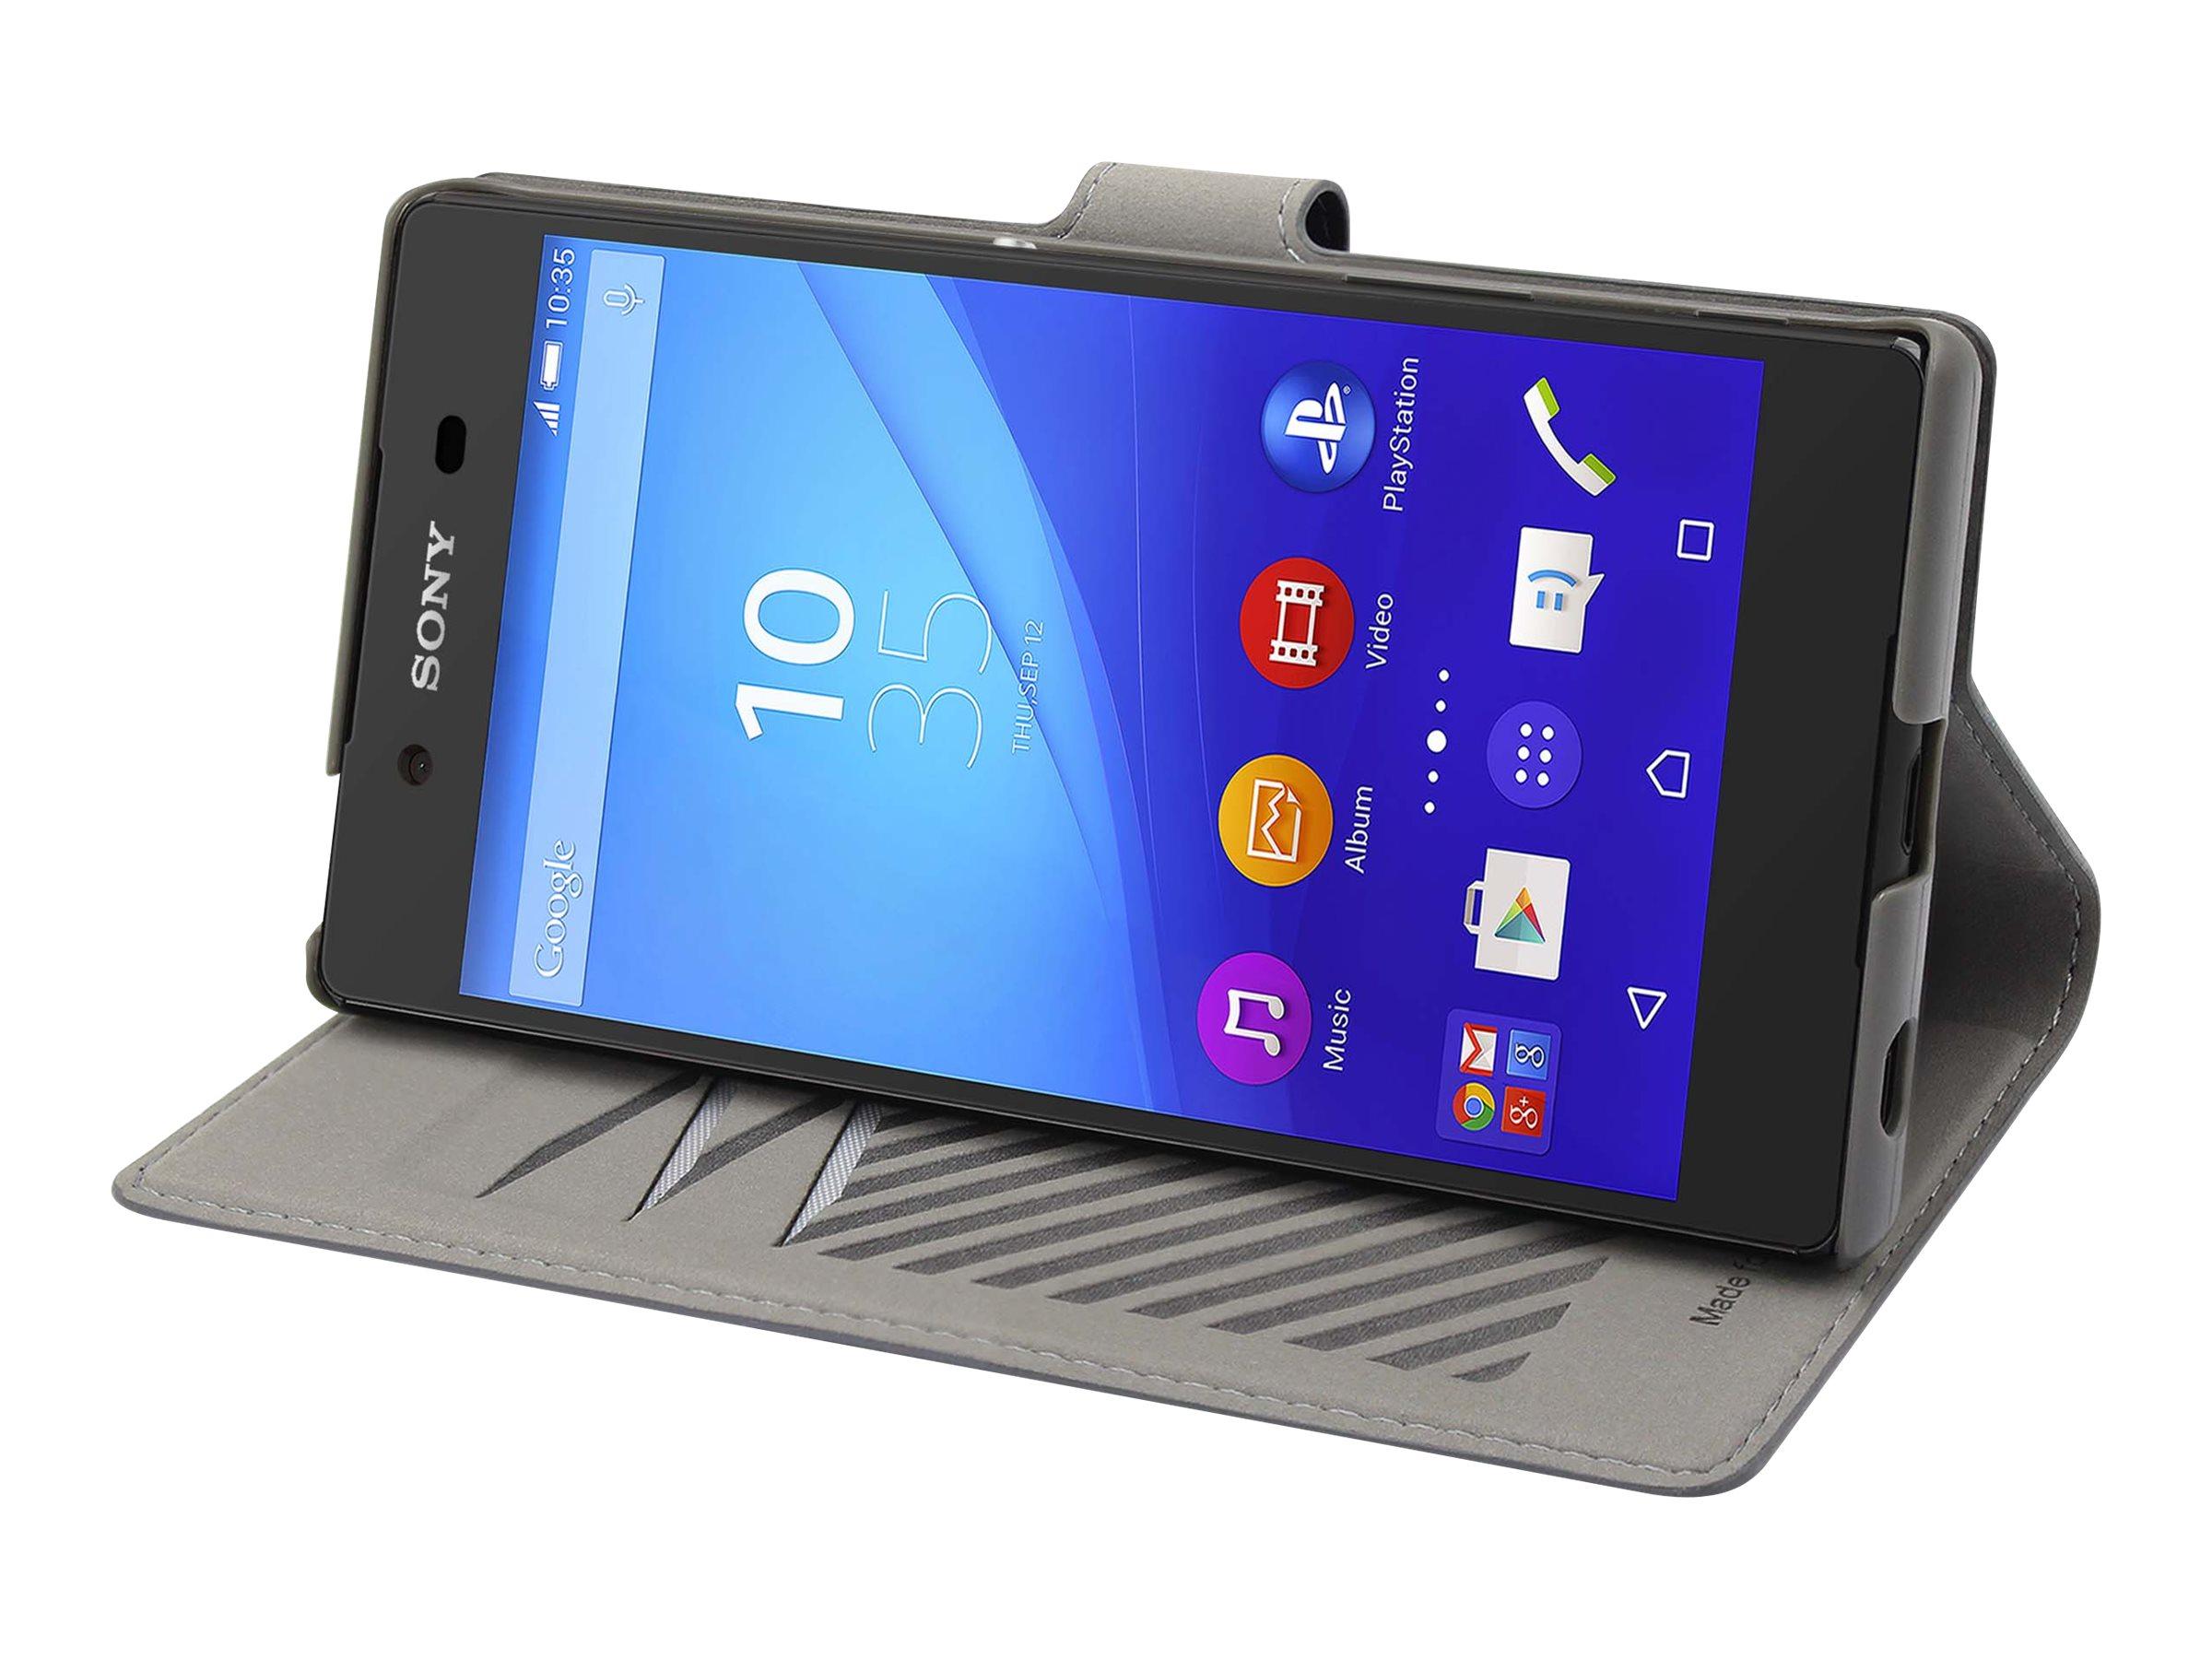 Muvit MFX slim s folio - Protection à rabat pour Sony XPERIA Z5 Premium - gris